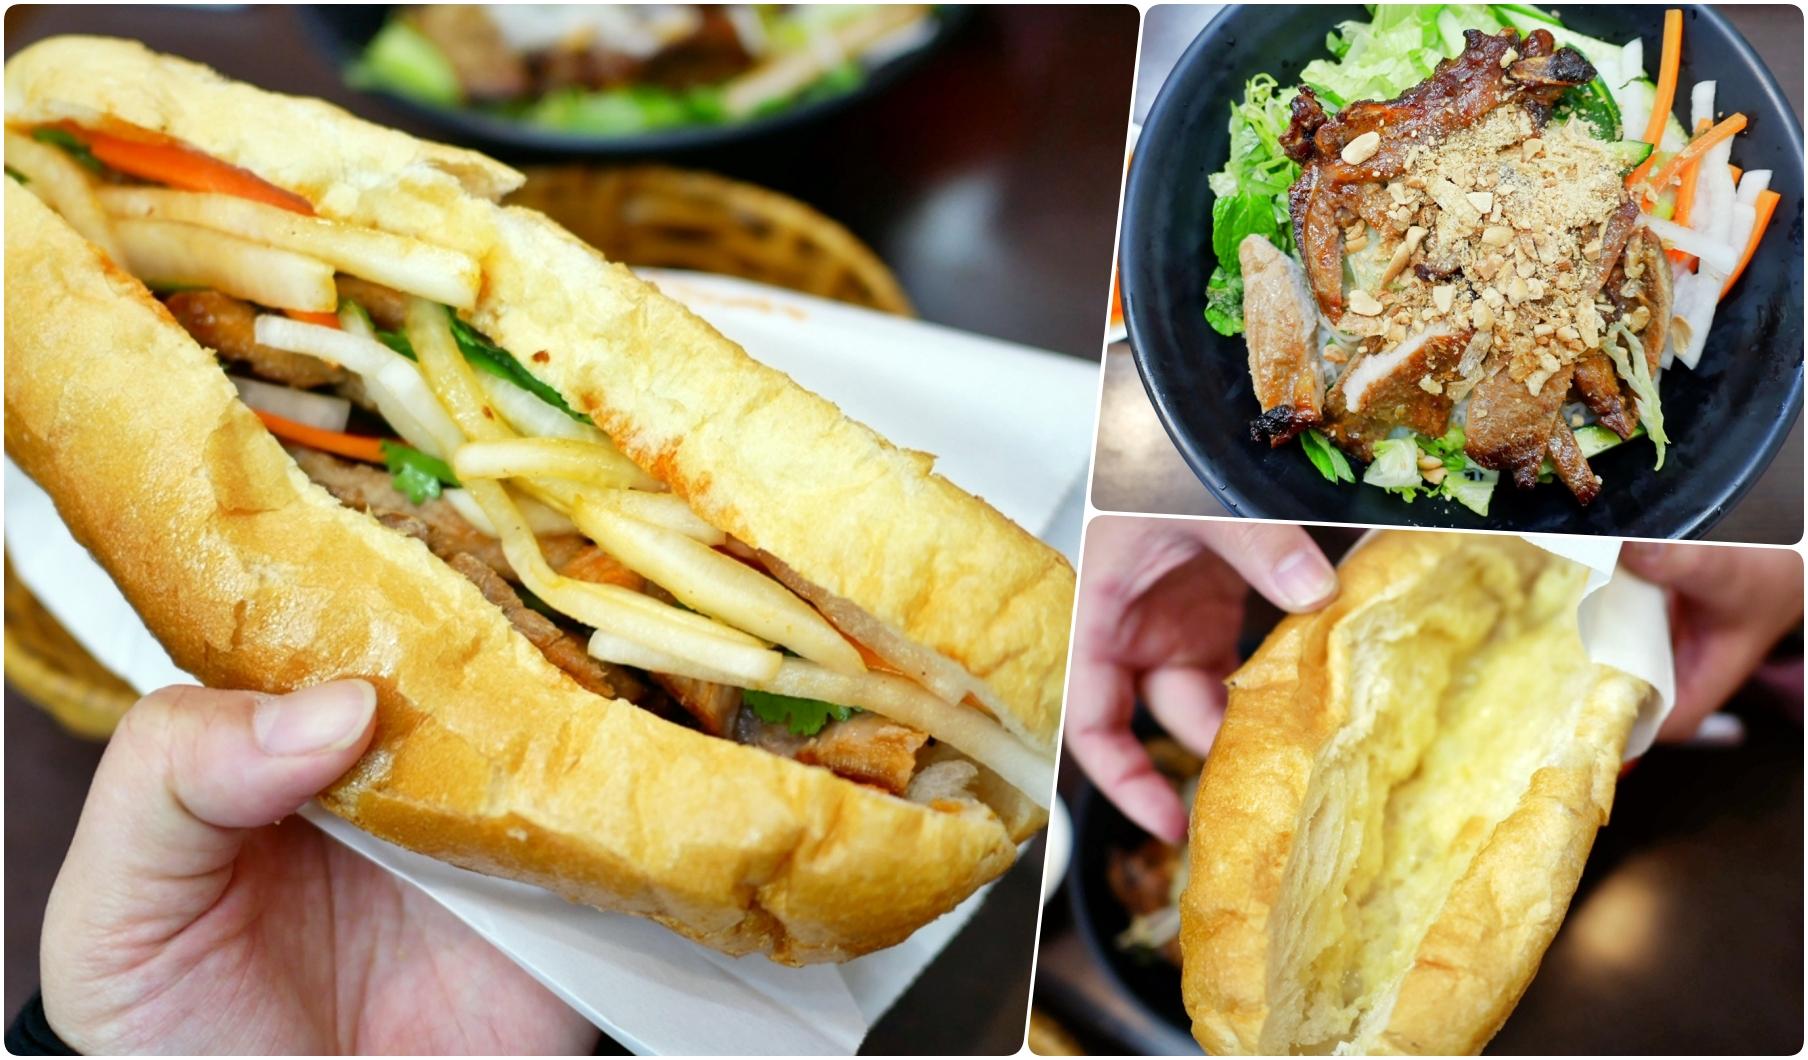 桃園  寶山街 回香越南美食館|google評價4.3分 寶山黃昏市場旁 爽口夠味很夏天的平價越南小吃。 @Mika出走美食日誌